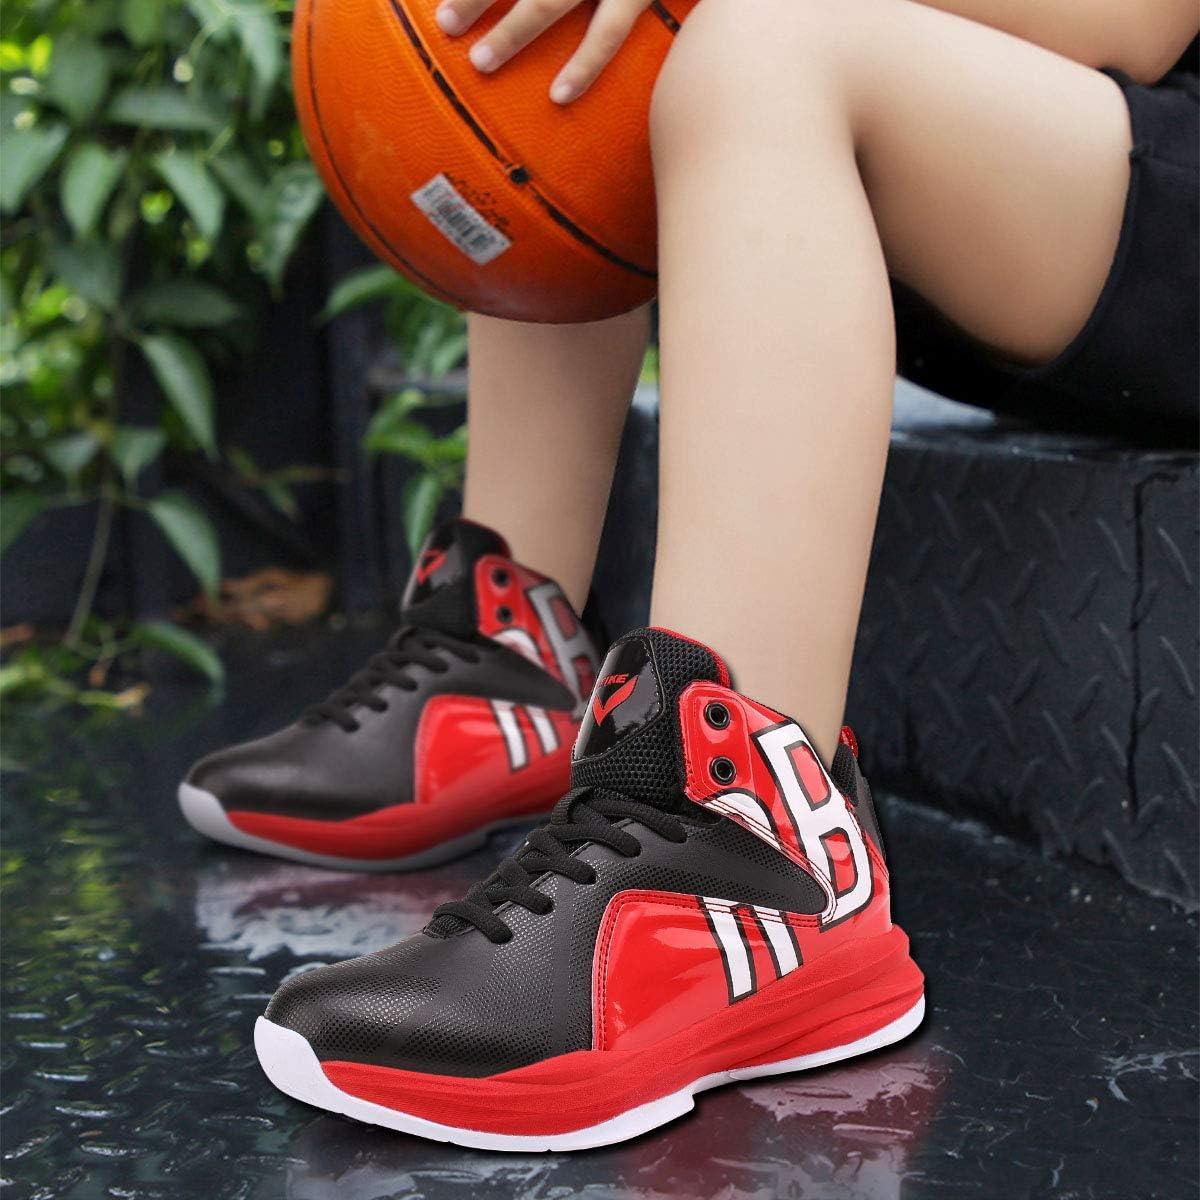 Chaussures de Sport Gar/çon Basket-Ball athl/étique Chaussures Homme Sneakers Chaussure de Course Running